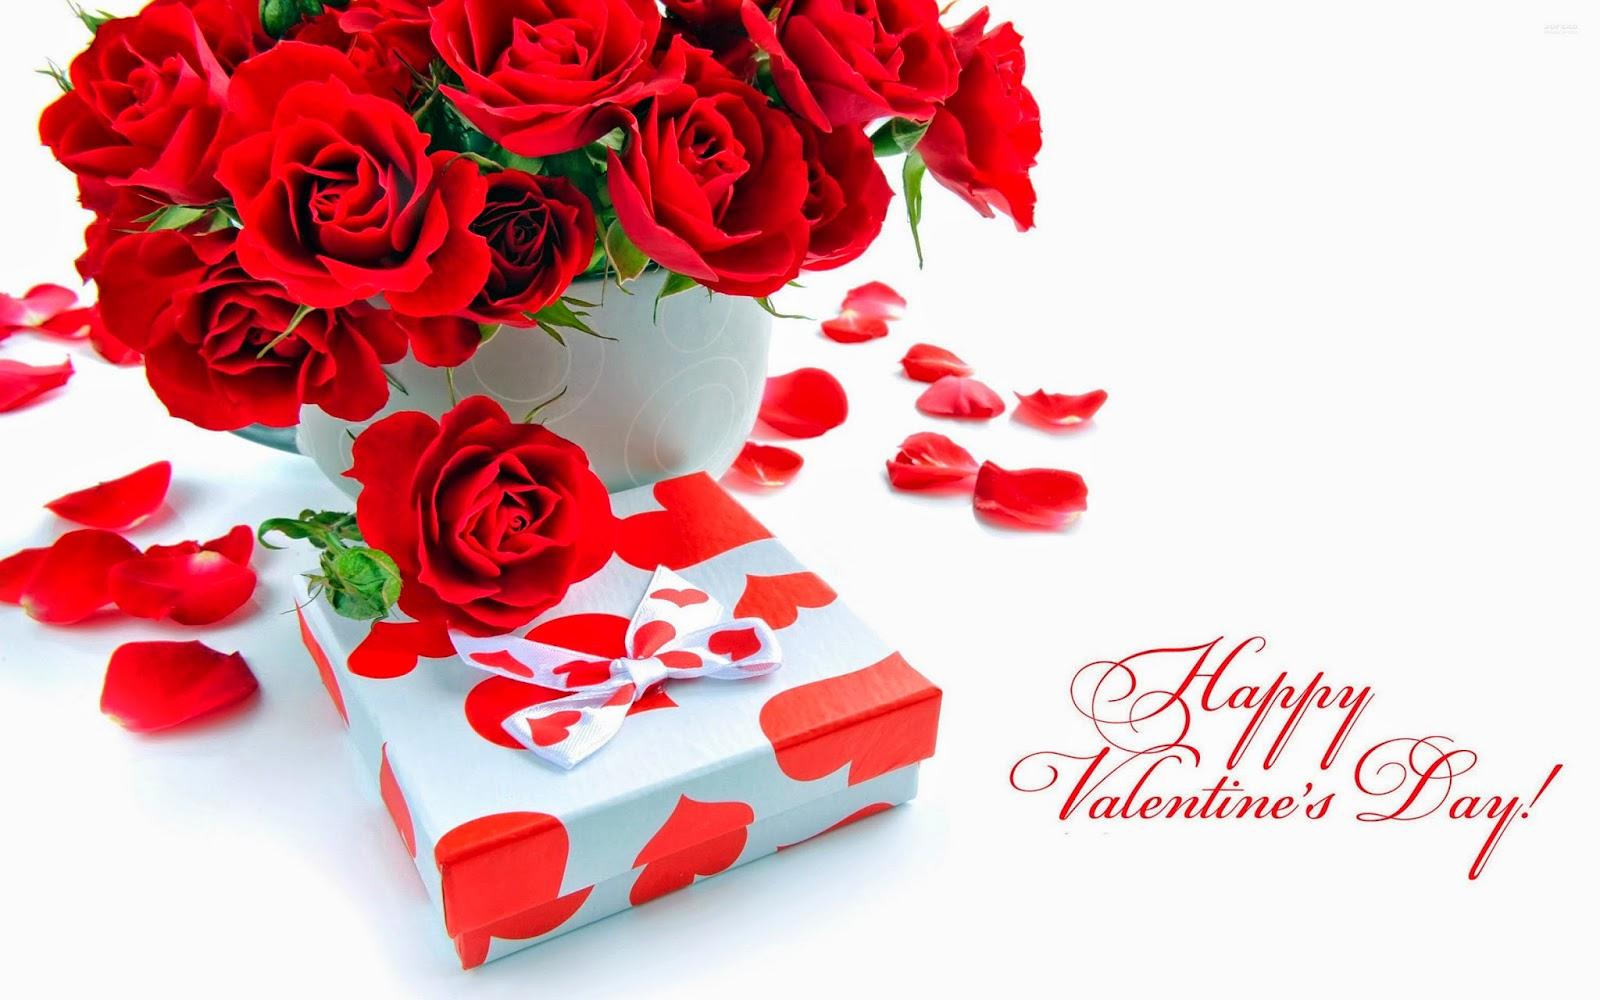 happy2bvalentine2bday2bhusband - Valentines Day Wishes For Husband